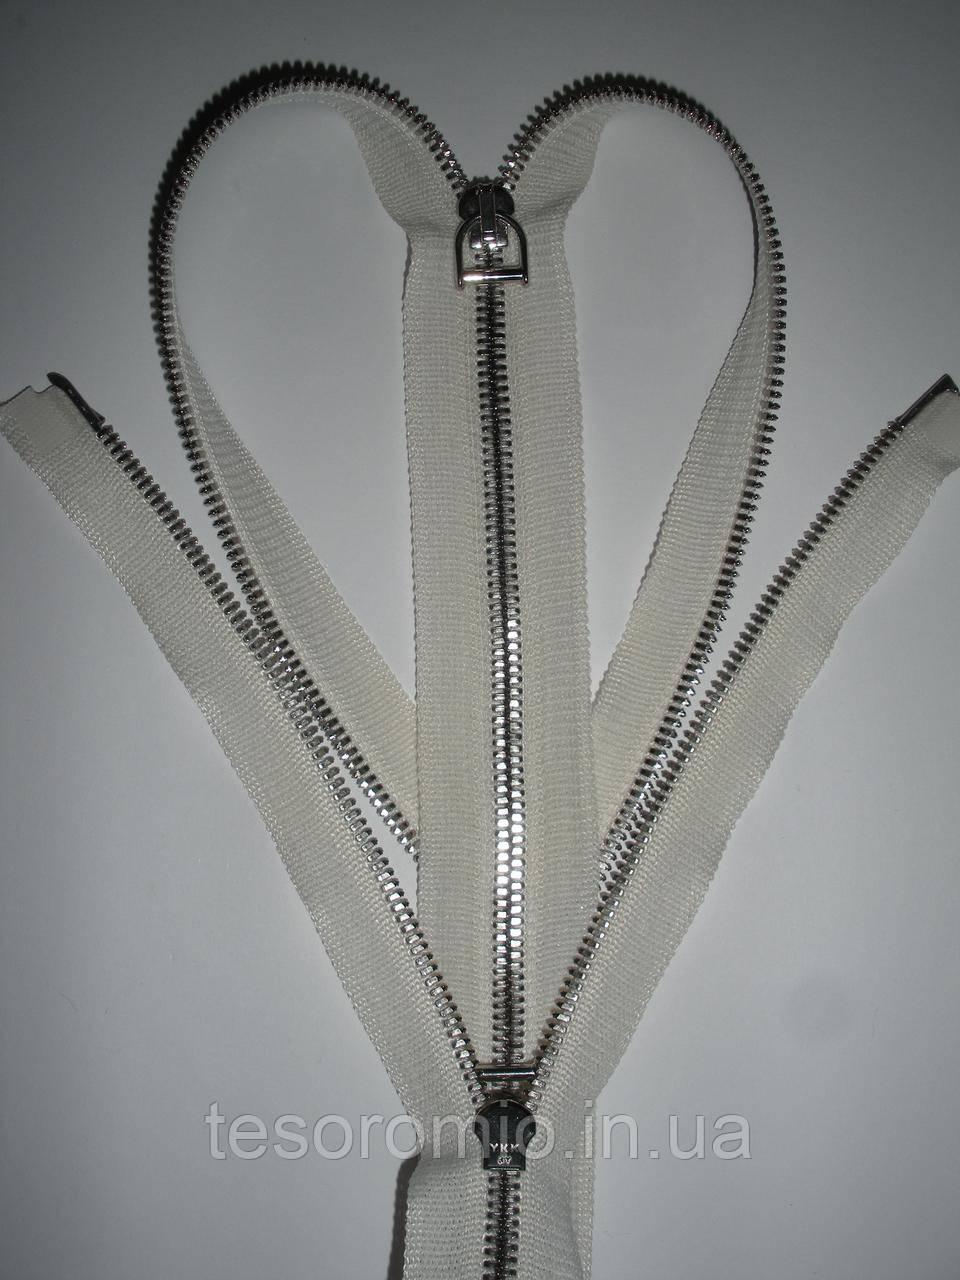 Молния металлическая разъемная 63 см, тип 3 YKK EXCELLA® , 2 бегунка. Основа - молоко, цвет зубцов - серебро.